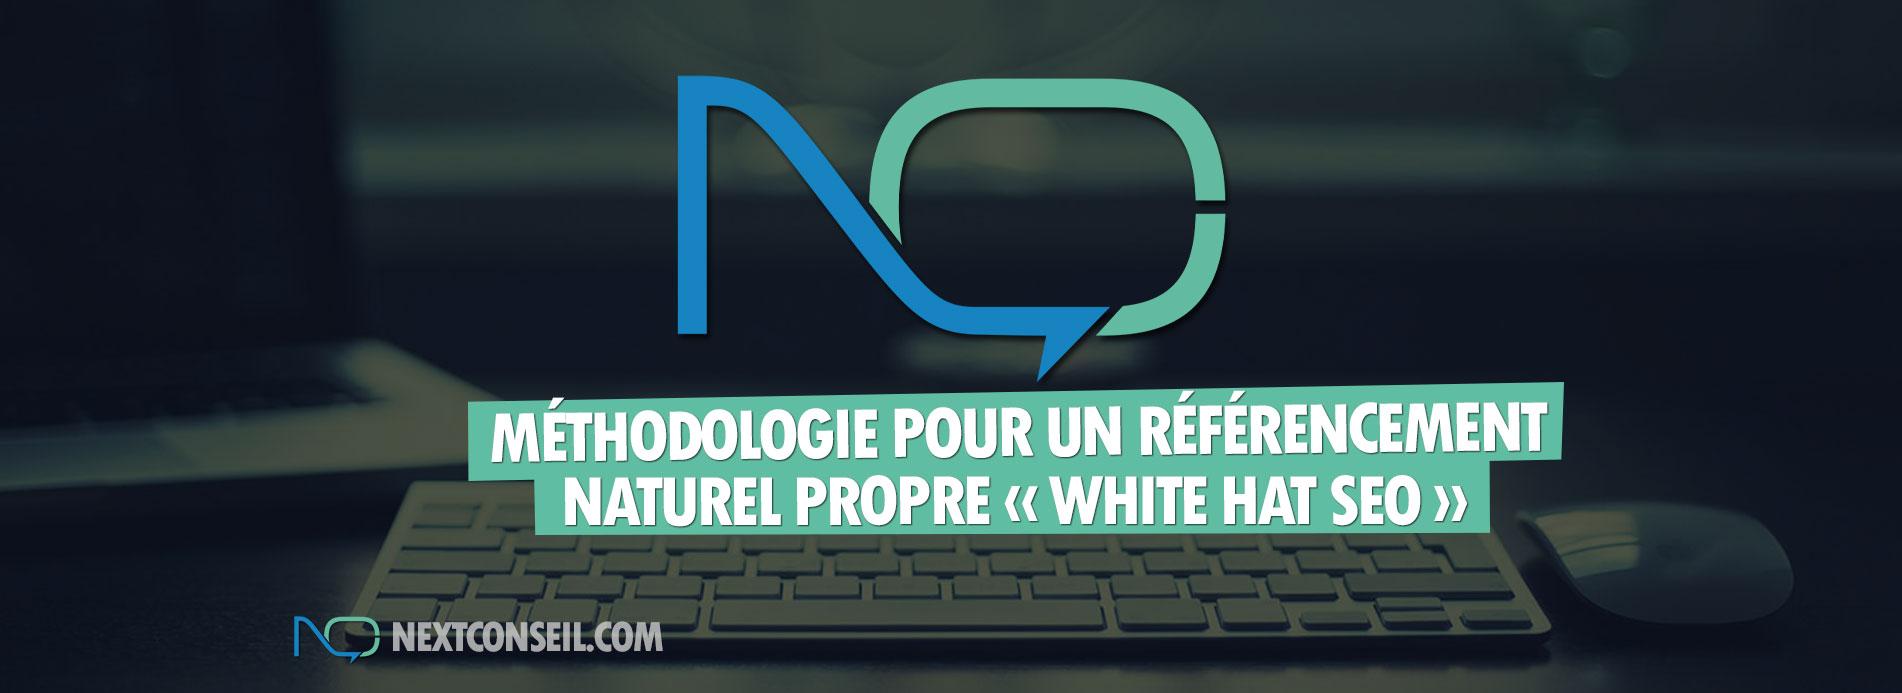 Méthodologie pour un référencement naturel white hat seo